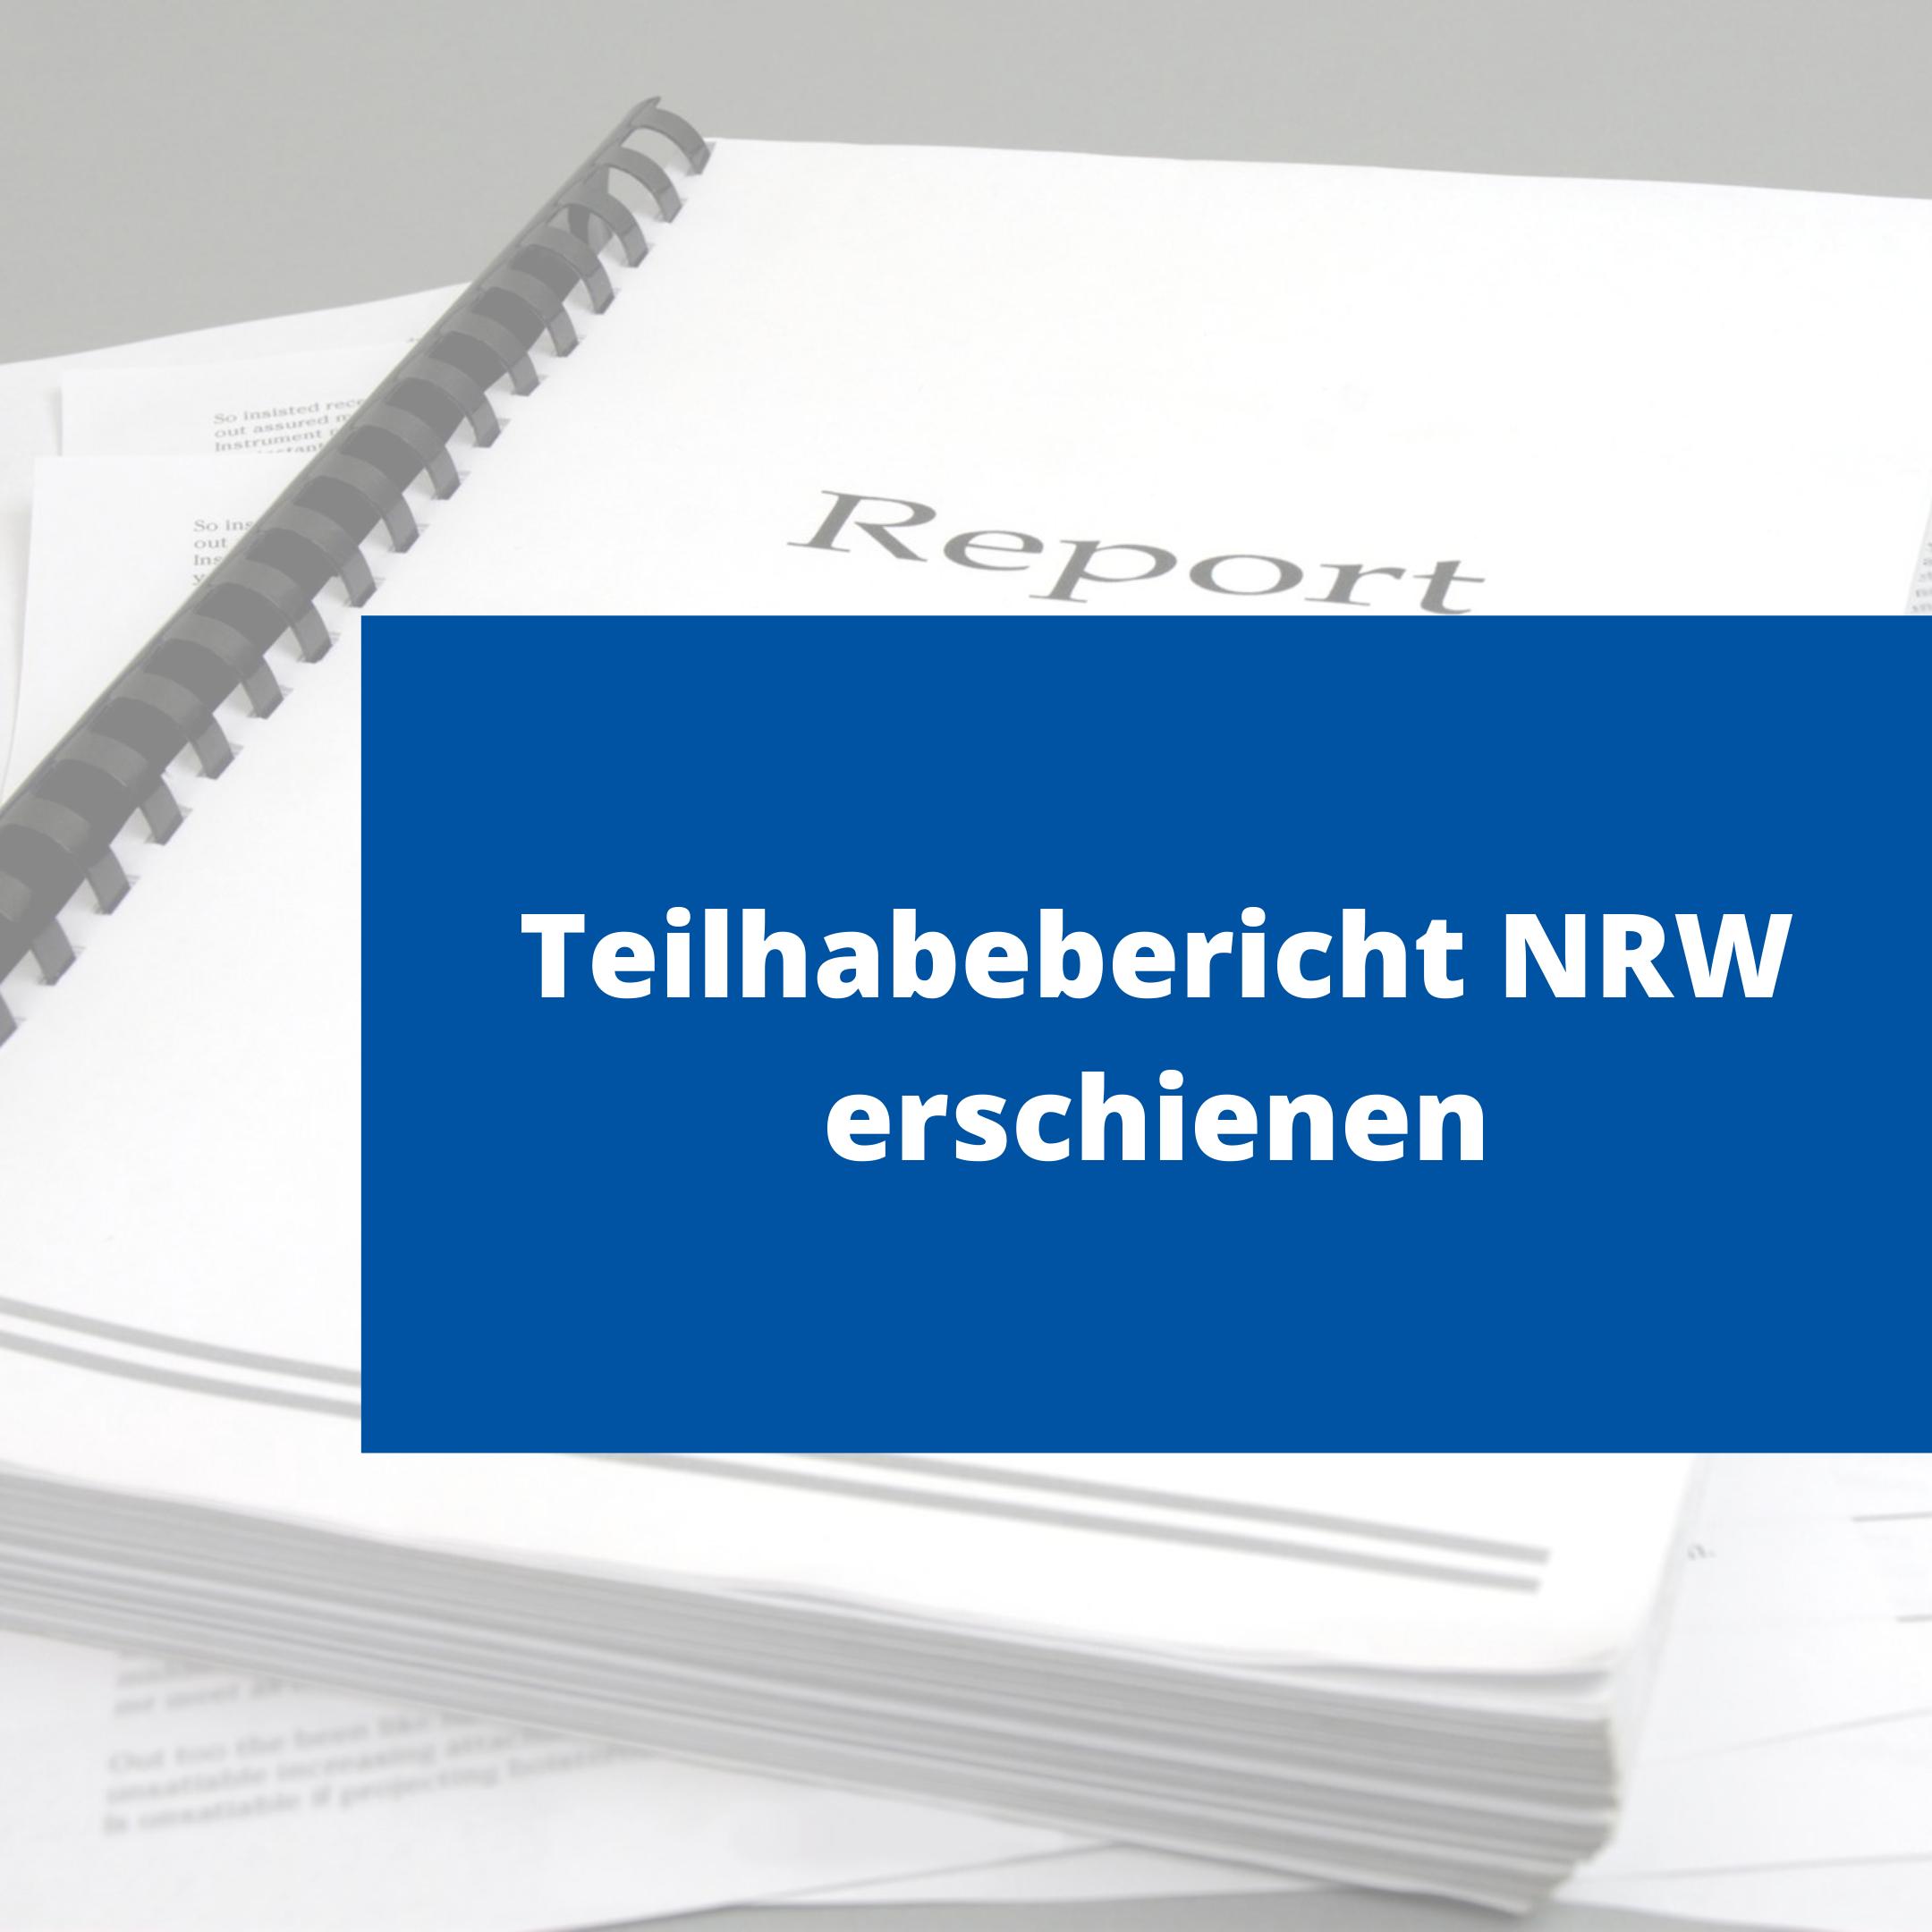 Text auf Foto: Teilhabebericht NRW erschienen